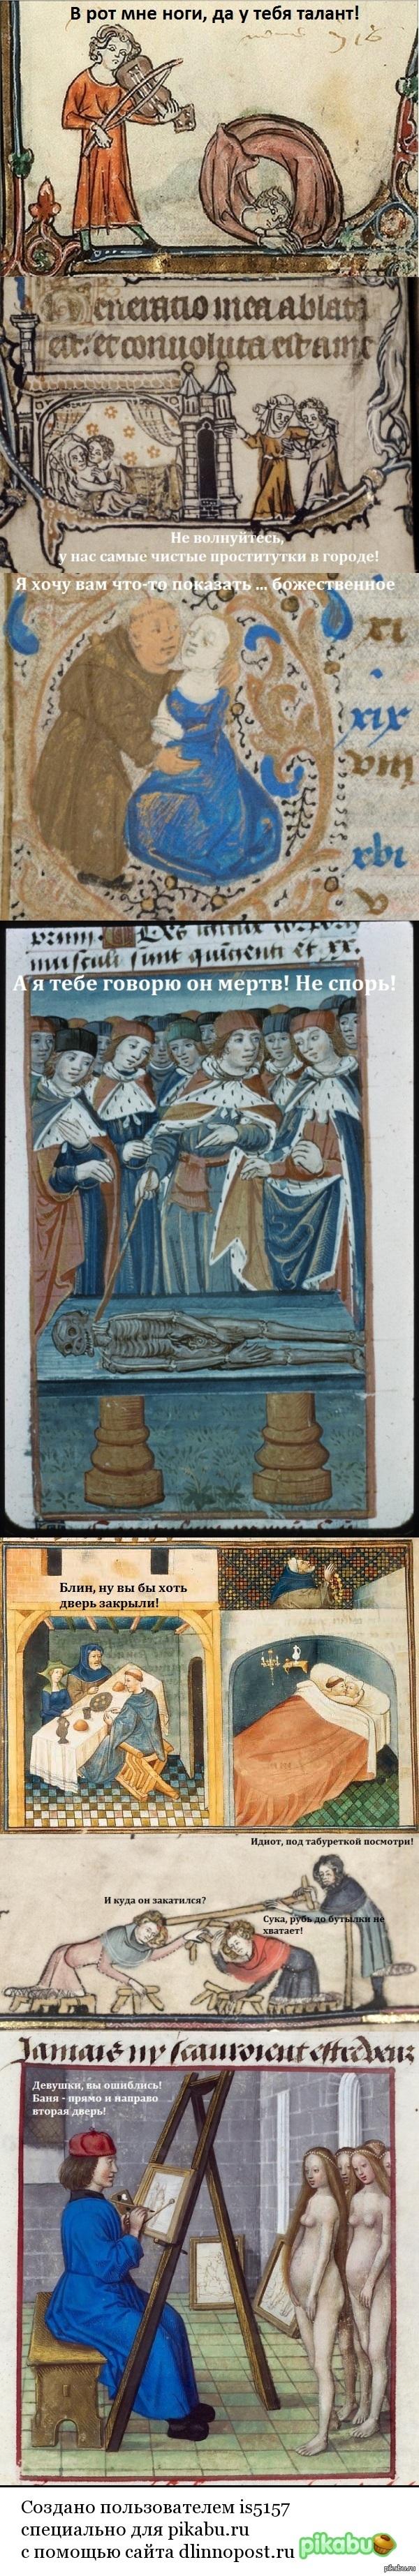 Как я вижу некоторые средневековые иллюстрации) Средневековые рисунки, иллюстрации.